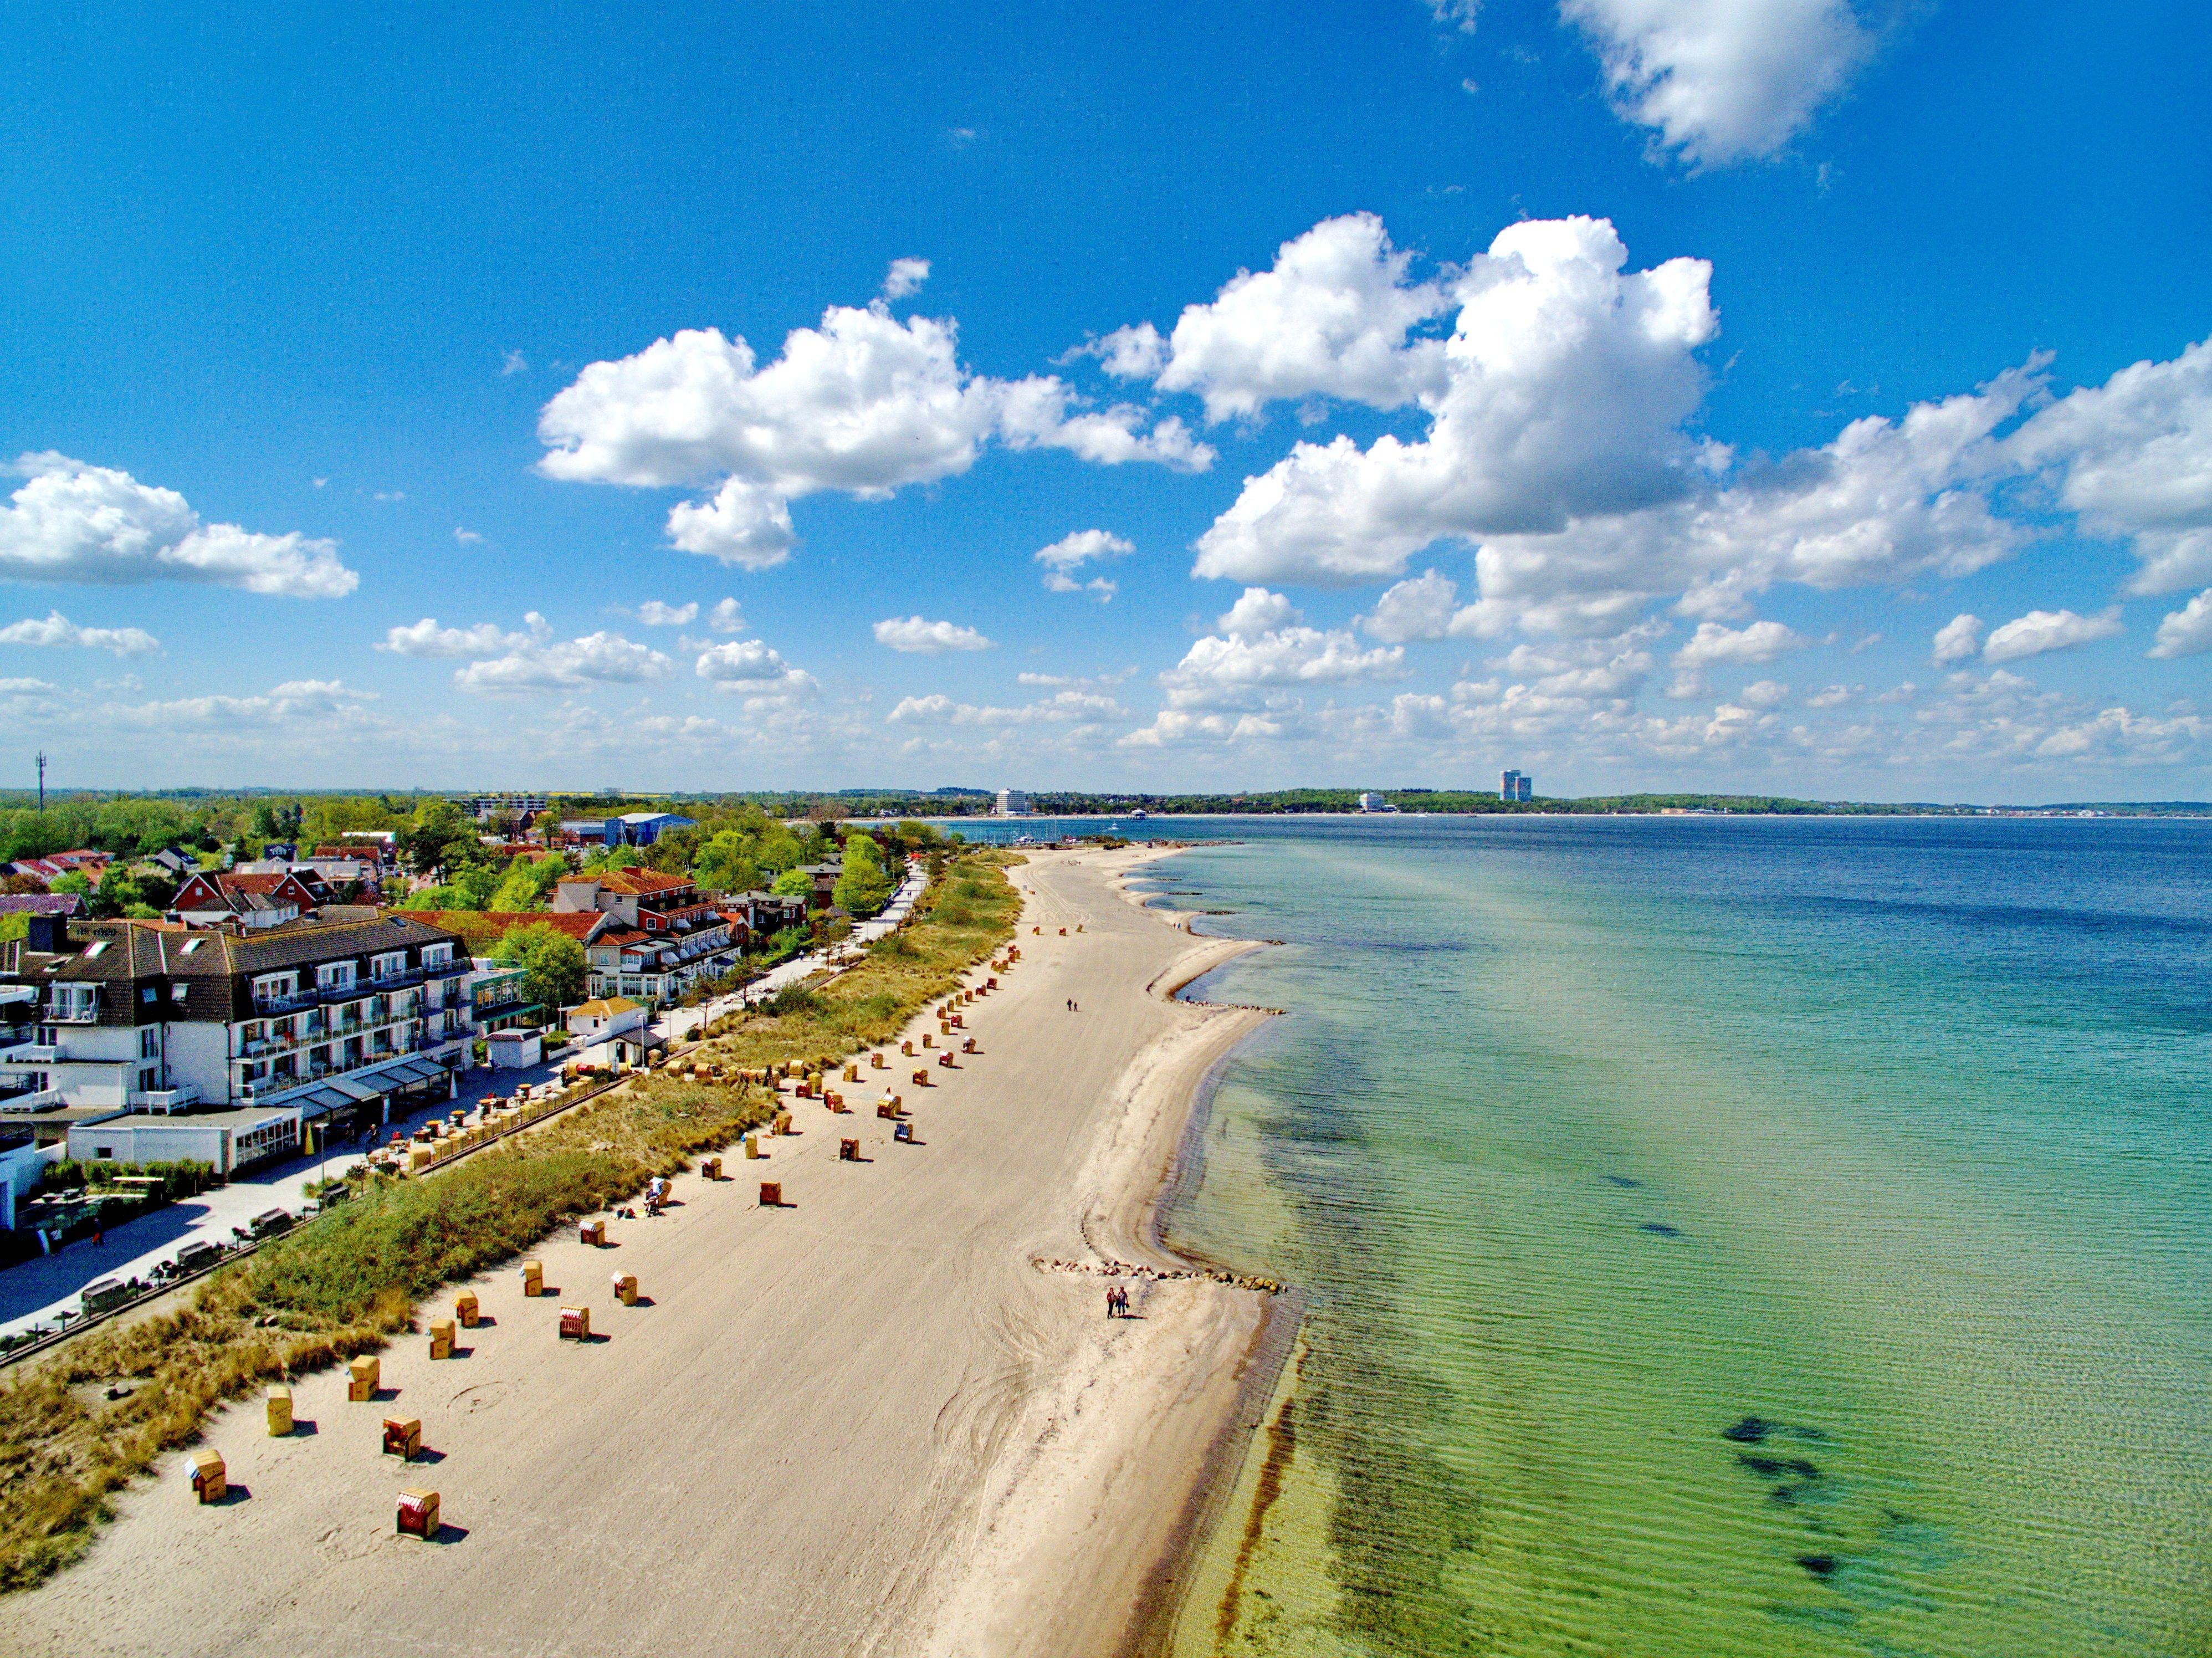 Mein Strandhaus Urlaub am Meer an der Ostsee ♥ Hotel